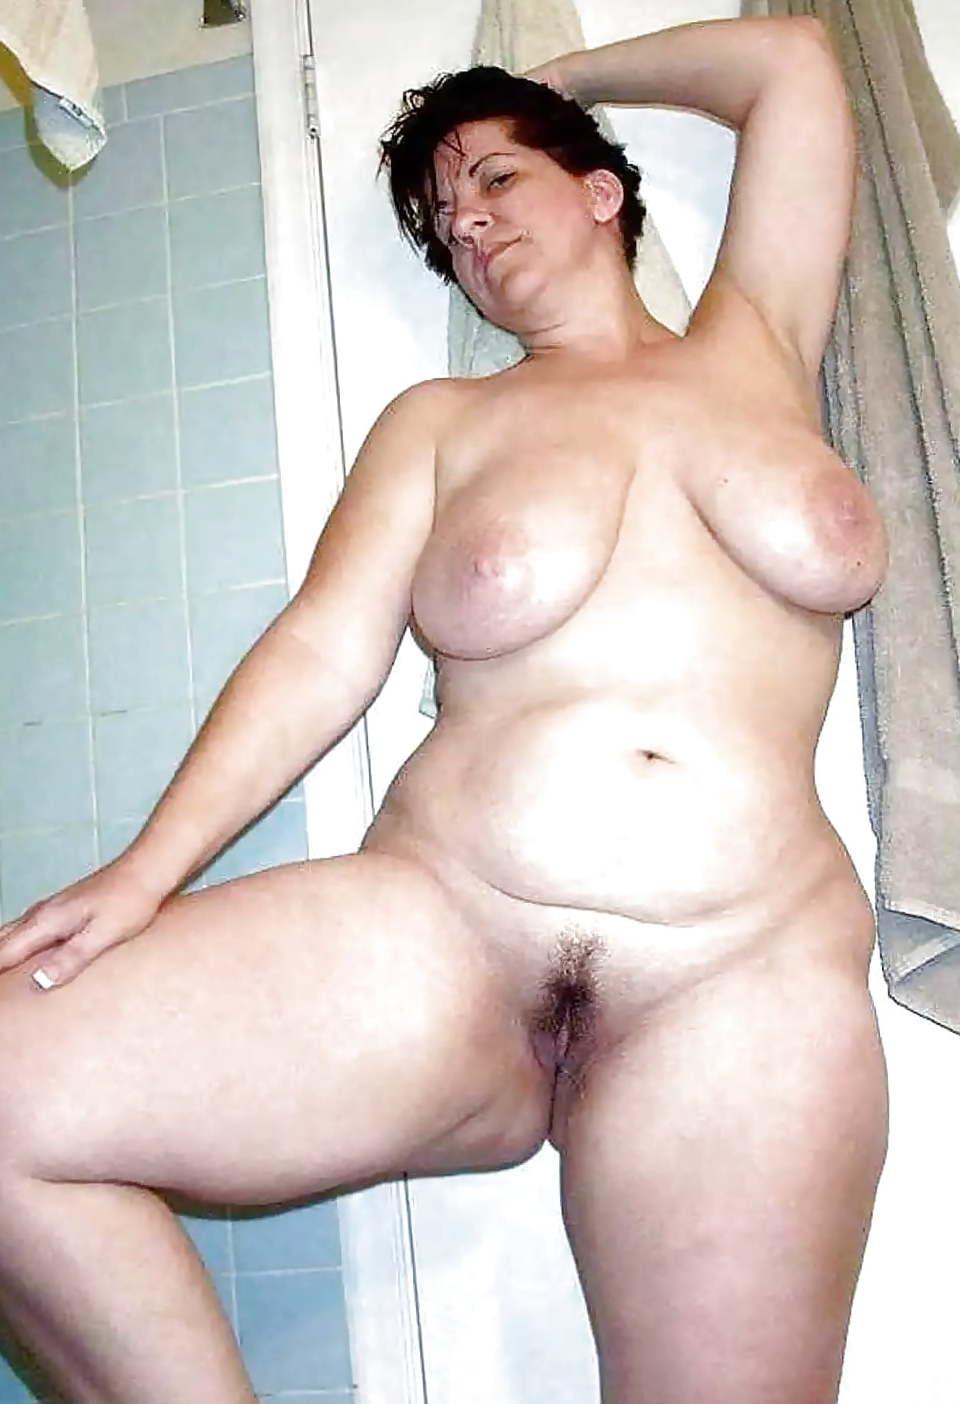 Ануслизинг она не хотела бани бруса